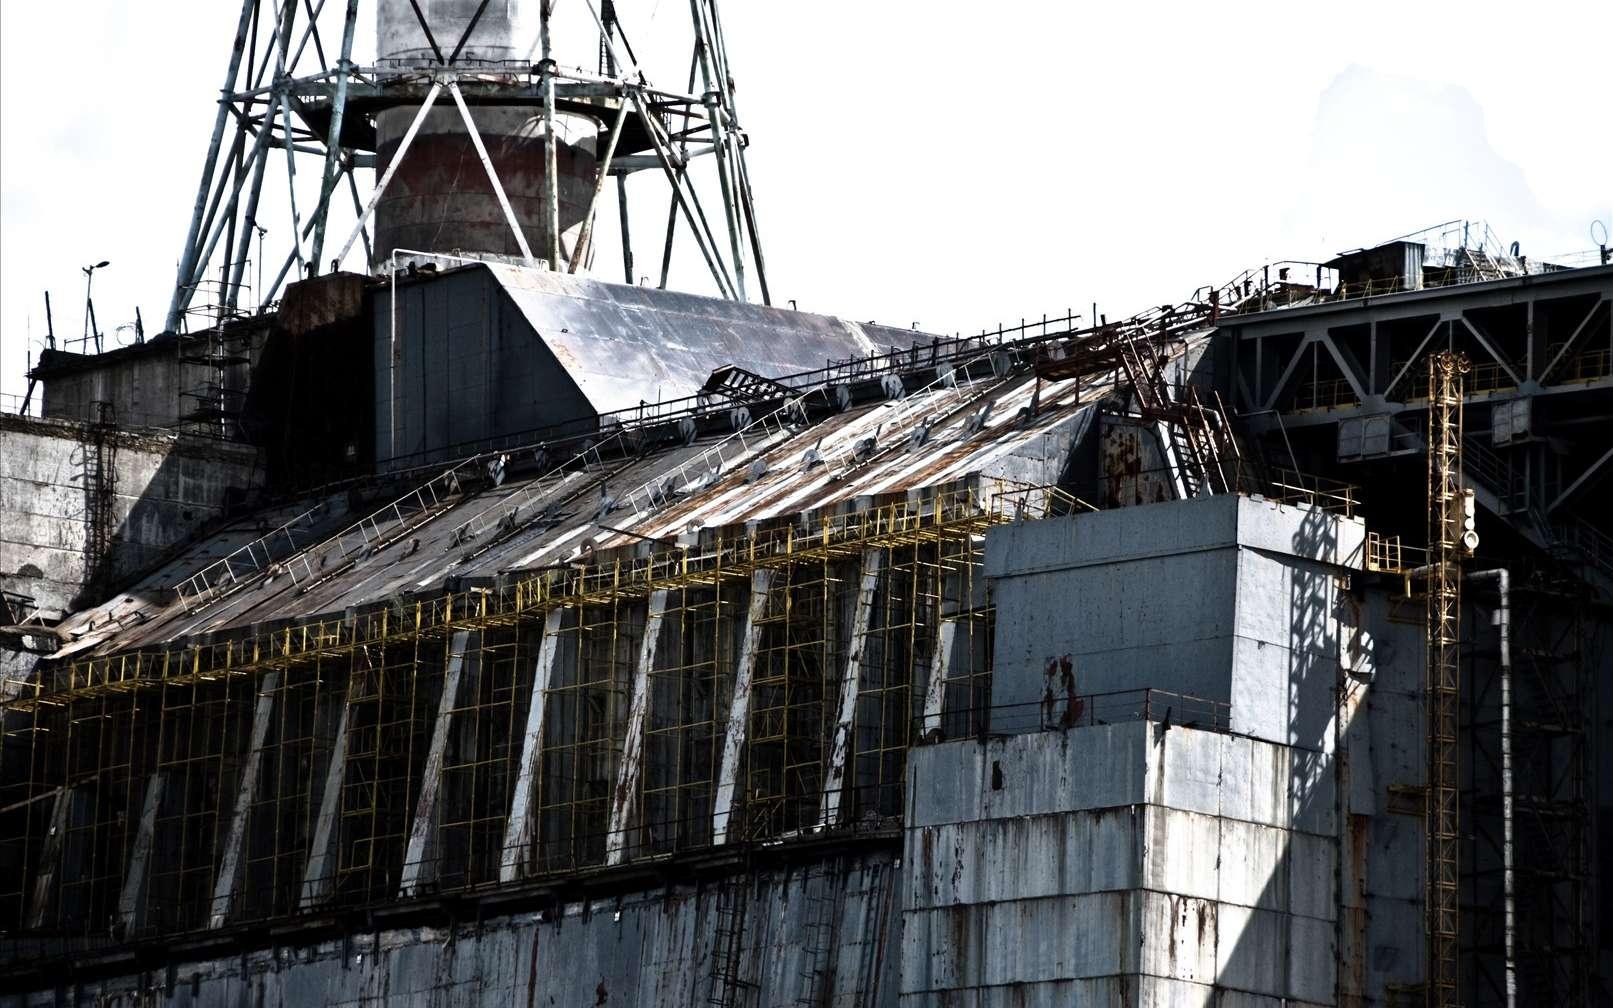 Les liquidateurs et la population avoisinante semblent avoir directement été victimes des émanations radioactives de la centrale nucléaire de Tchernobyl. Des décès et des incidences de cancers élevées en attestent. Plus de 25 ans après, les conséquences sanitaires et écologiques se font toujours ressentir. © Marco Fieber, Fotopédia, cc by nc nd 2.0